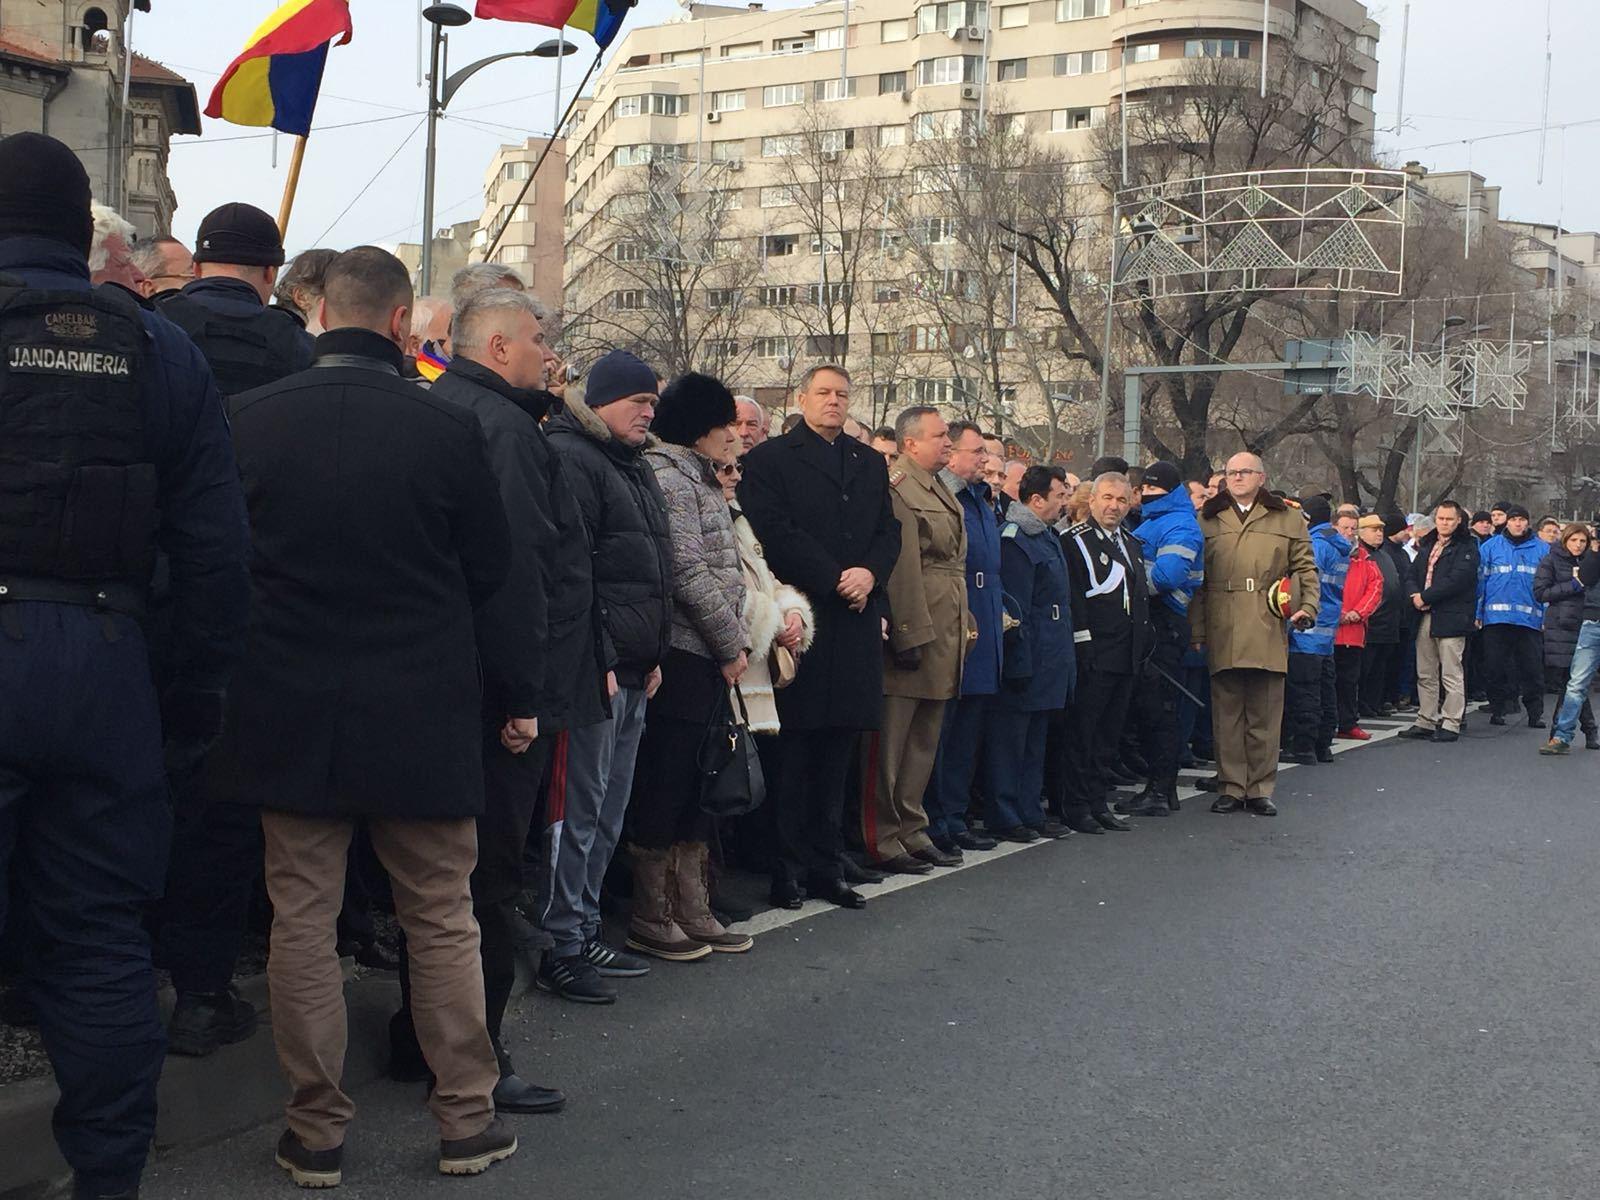 Iohannis a ajuns în Piaţa Universităţii. Preşedintele participă comemorarea victimelor Revoluţiei - FOTO, VIDEO